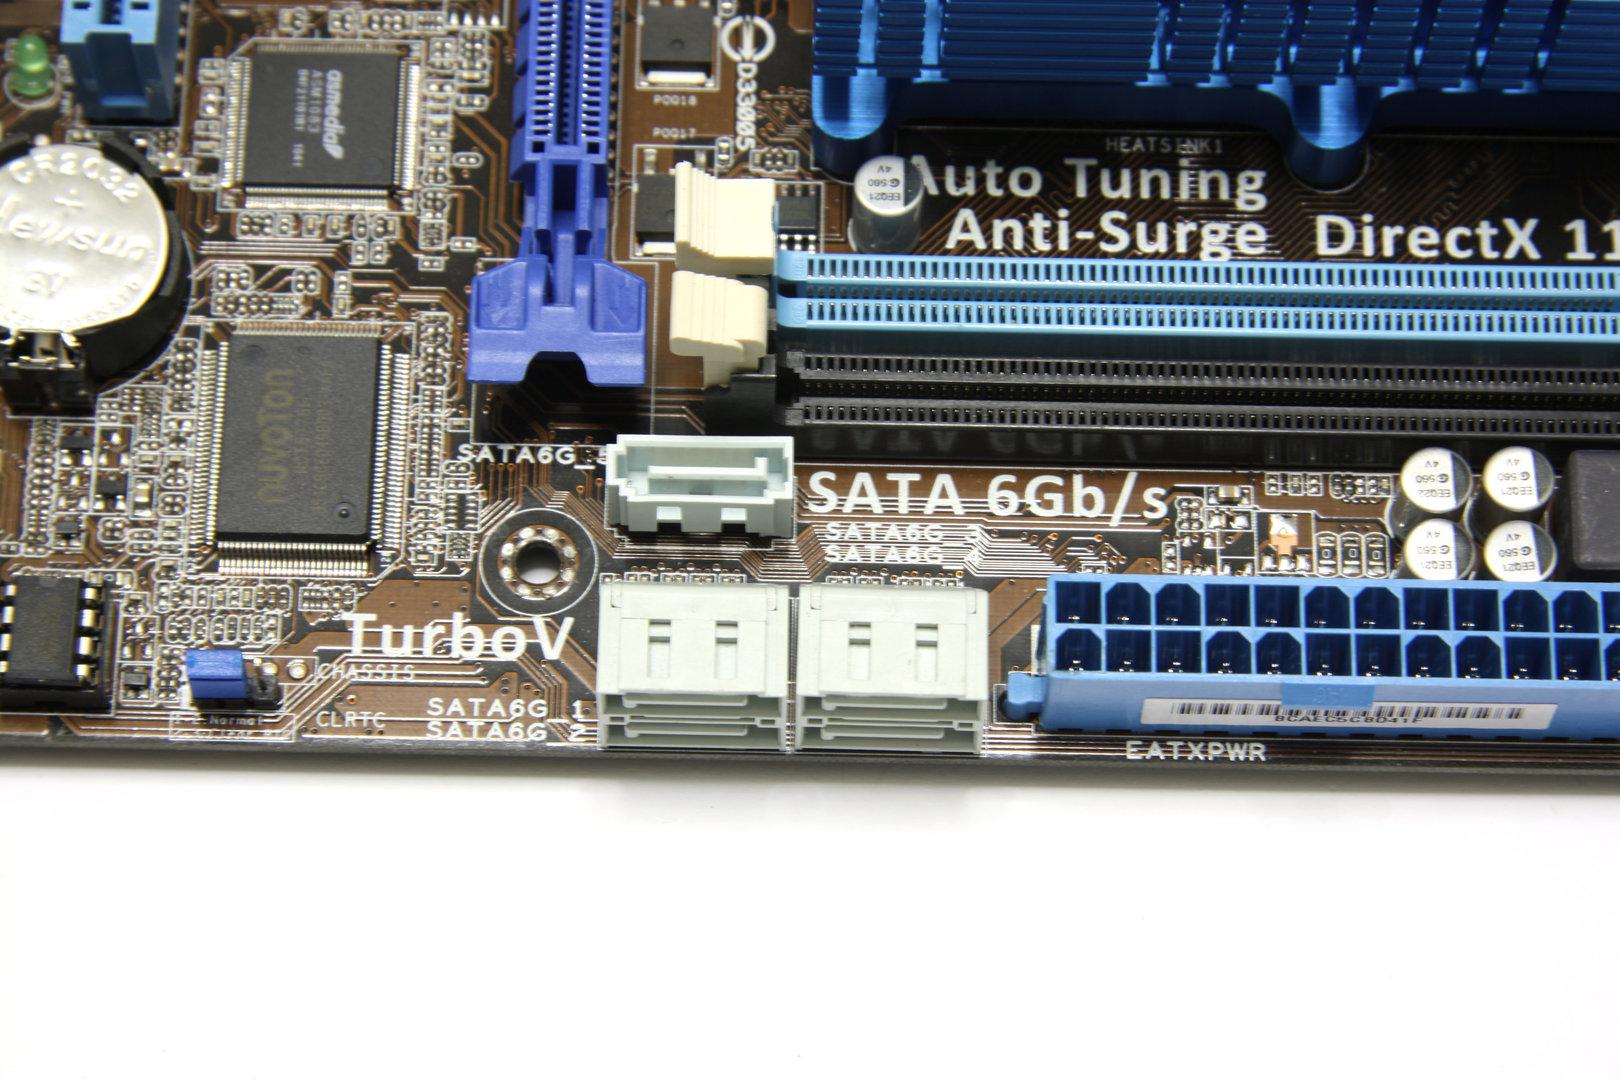 Asus E35M1-M Pro SATA-Anschlüsse